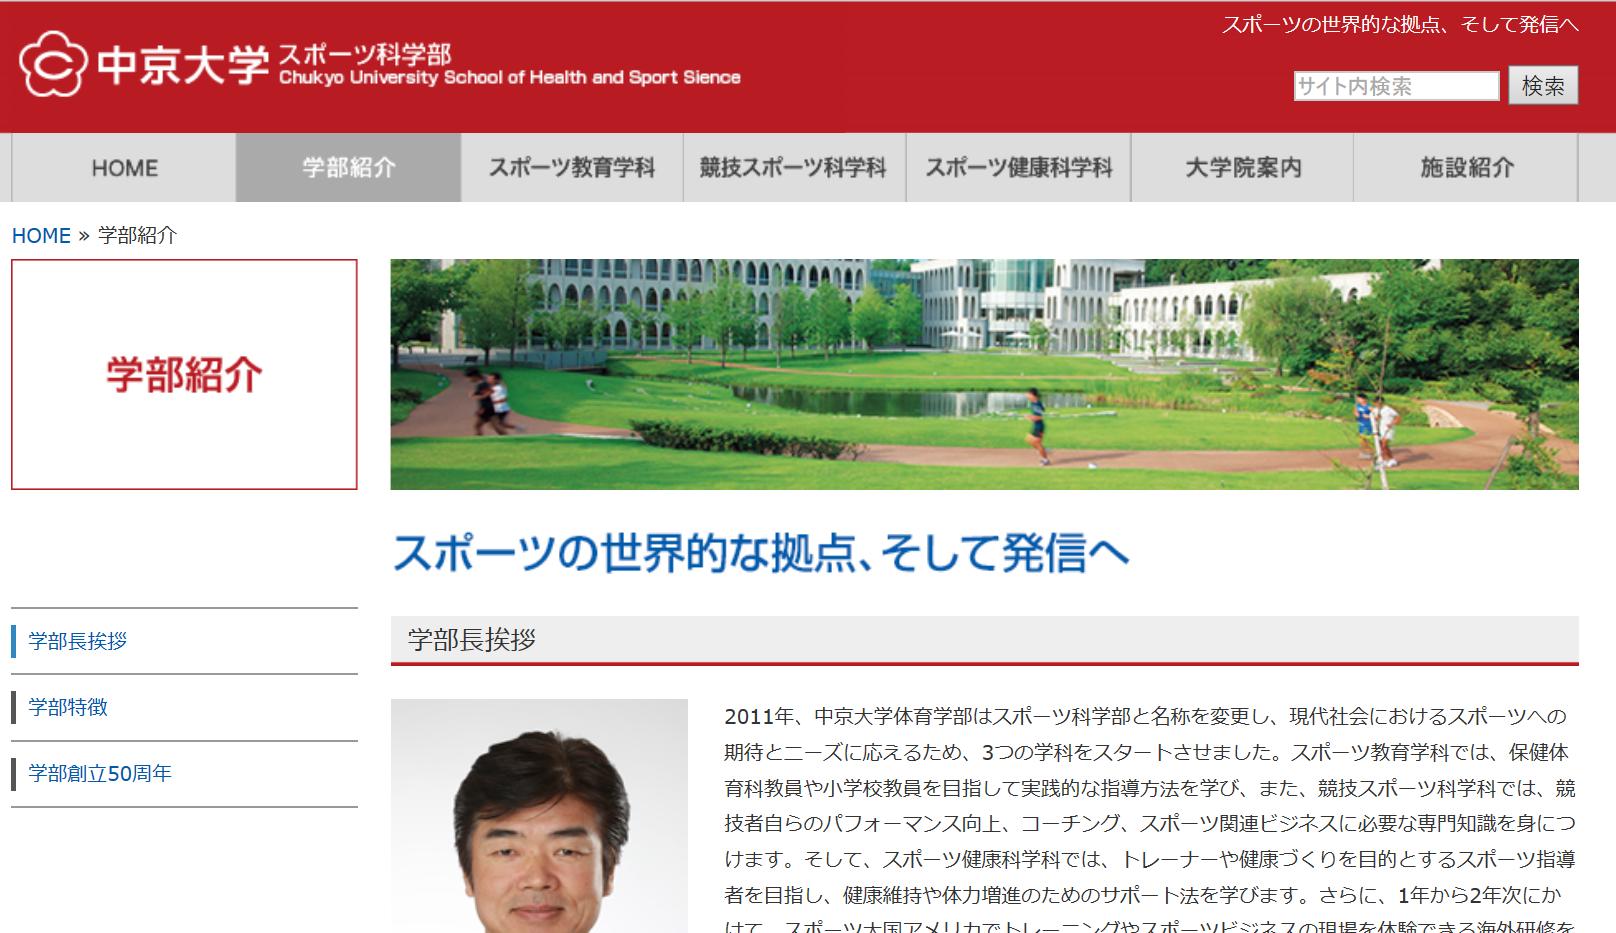 中京大学の評判・口コミ【スポーツ科学部編】